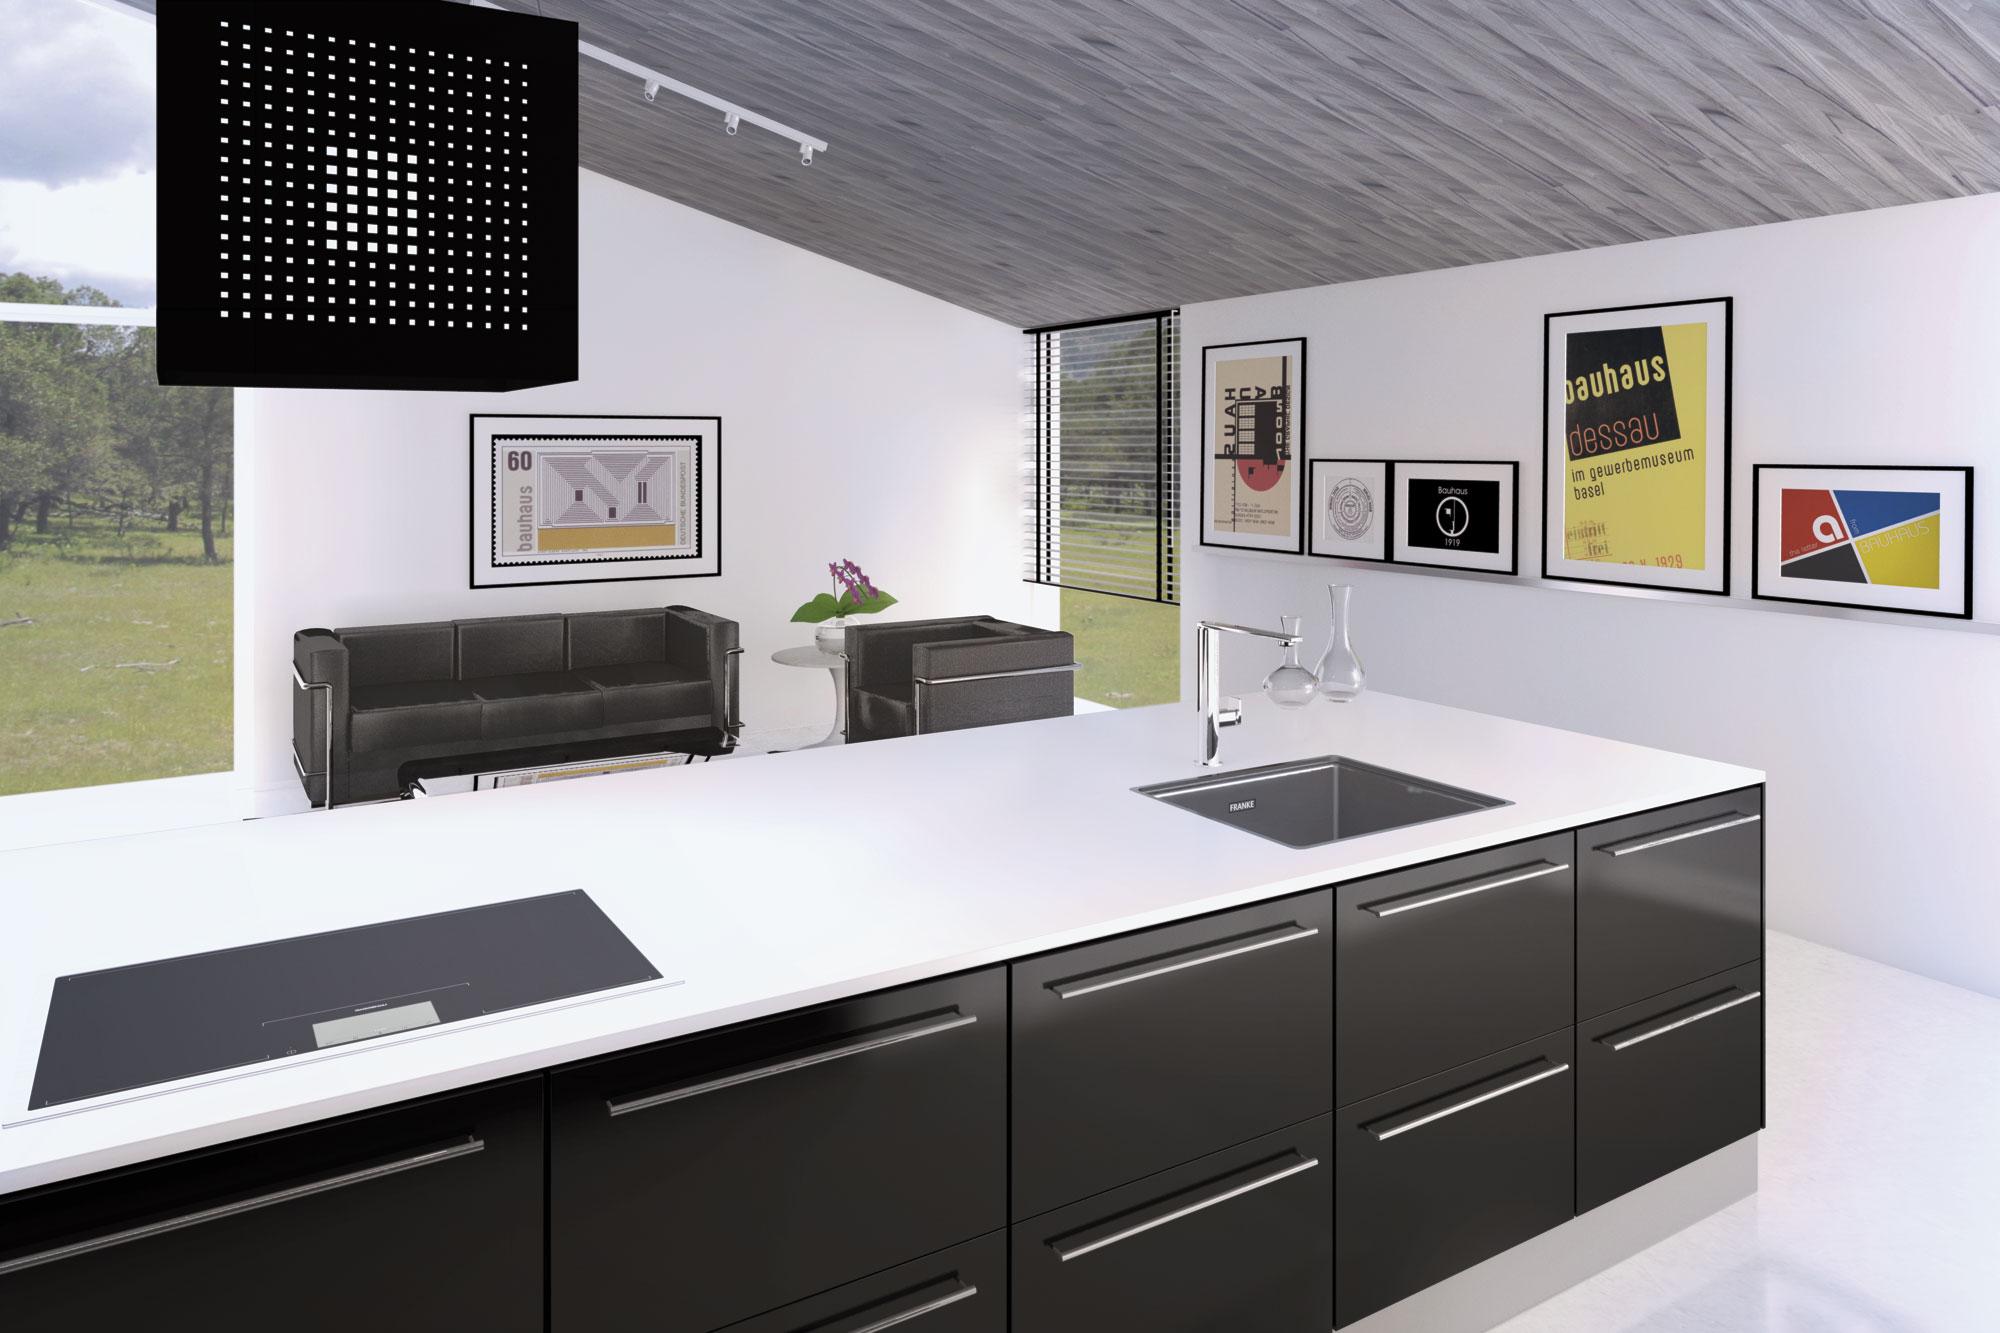 Bauhaus encimeras de cocina simple ofertas de bauhaus for Ofertas encimeras cocina